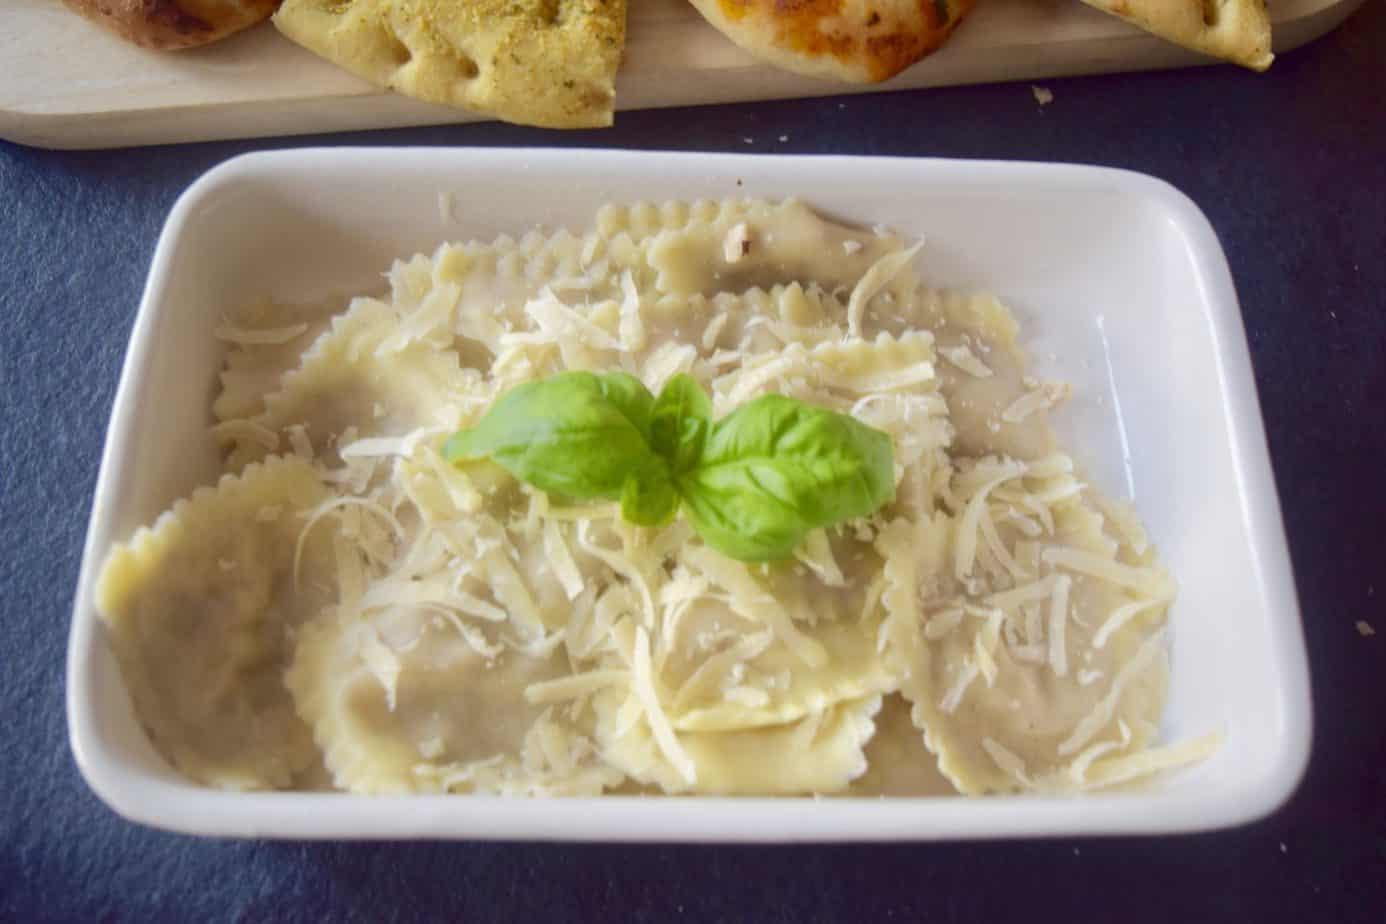 Walnut and Gorgonzola ravioli from the Marks and Spencer's Italian range